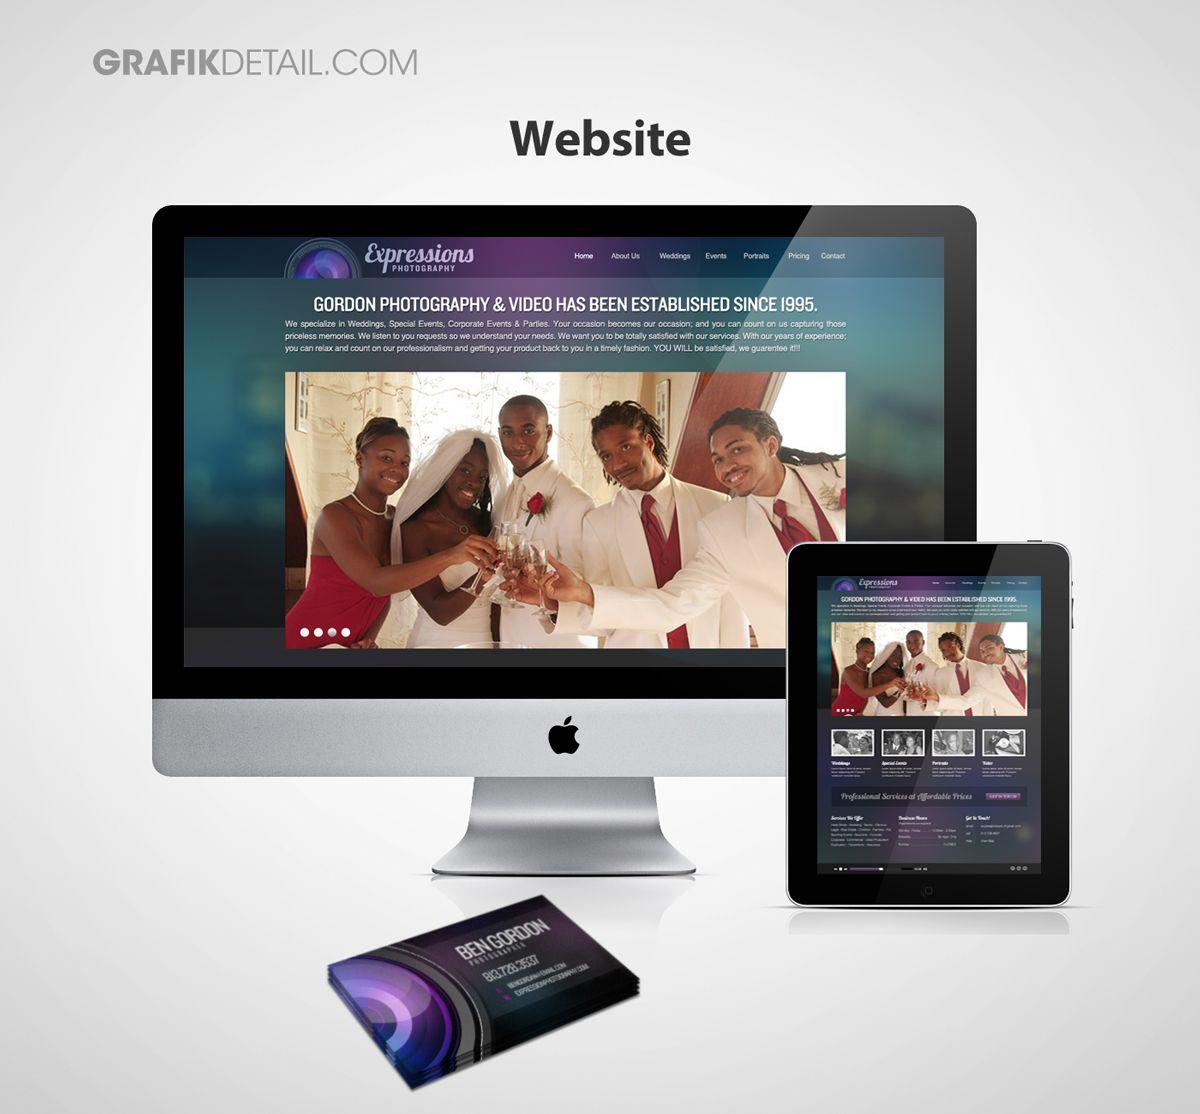 Logo Business Card Website Affordable Web Design Web Design Web Design Agency